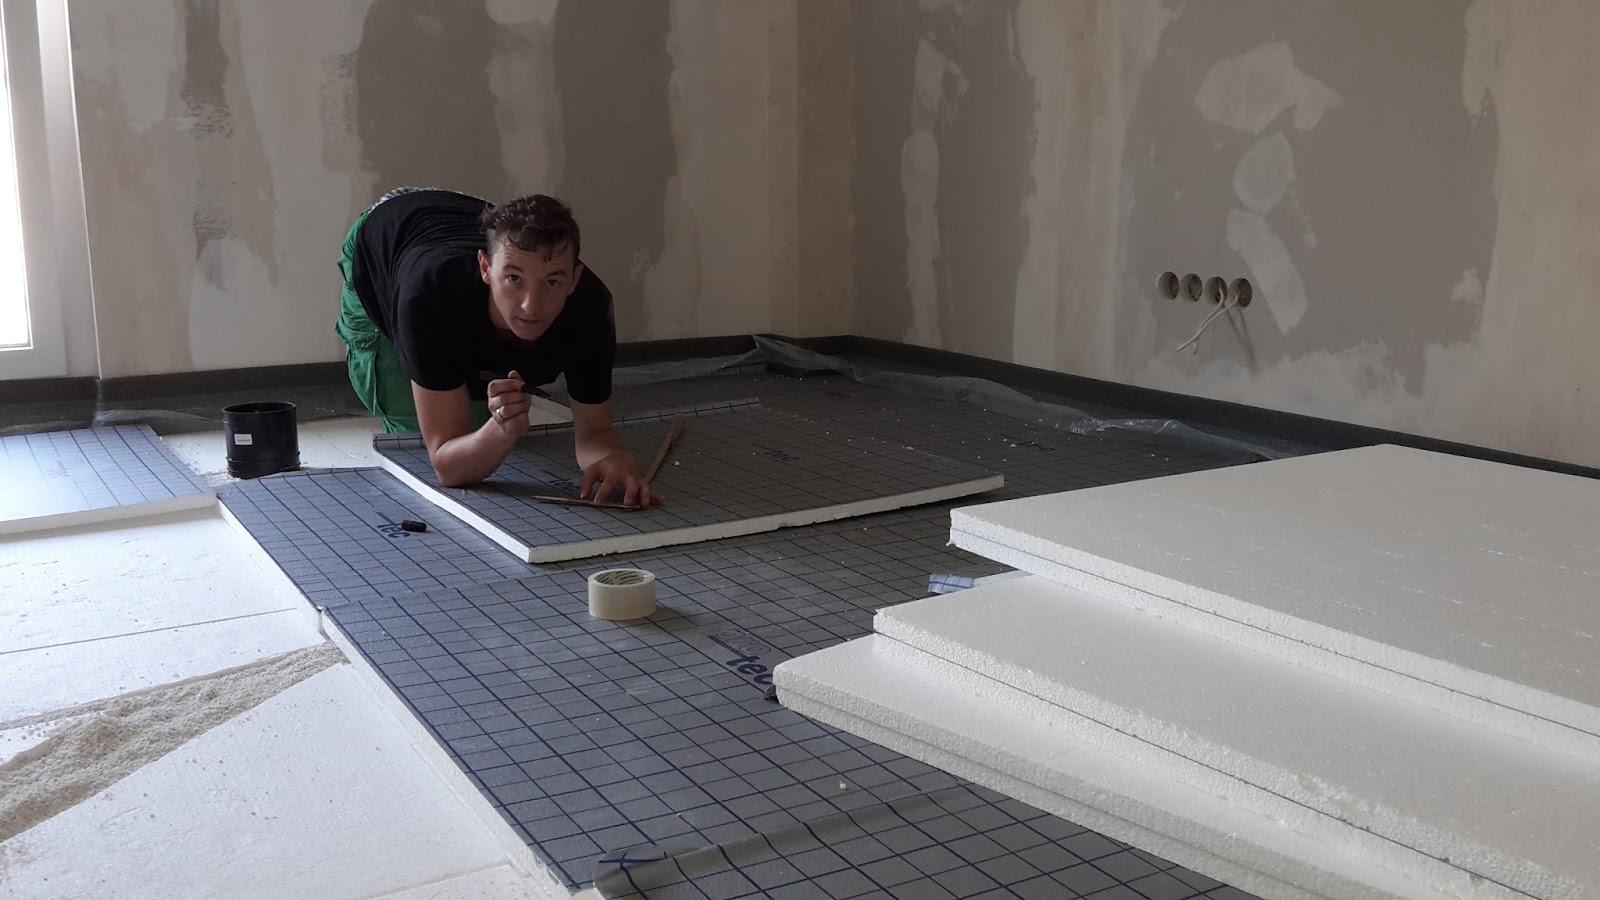 abenteuer ausbauhaus bodend mmung und vorbereitungen. Black Bedroom Furniture Sets. Home Design Ideas